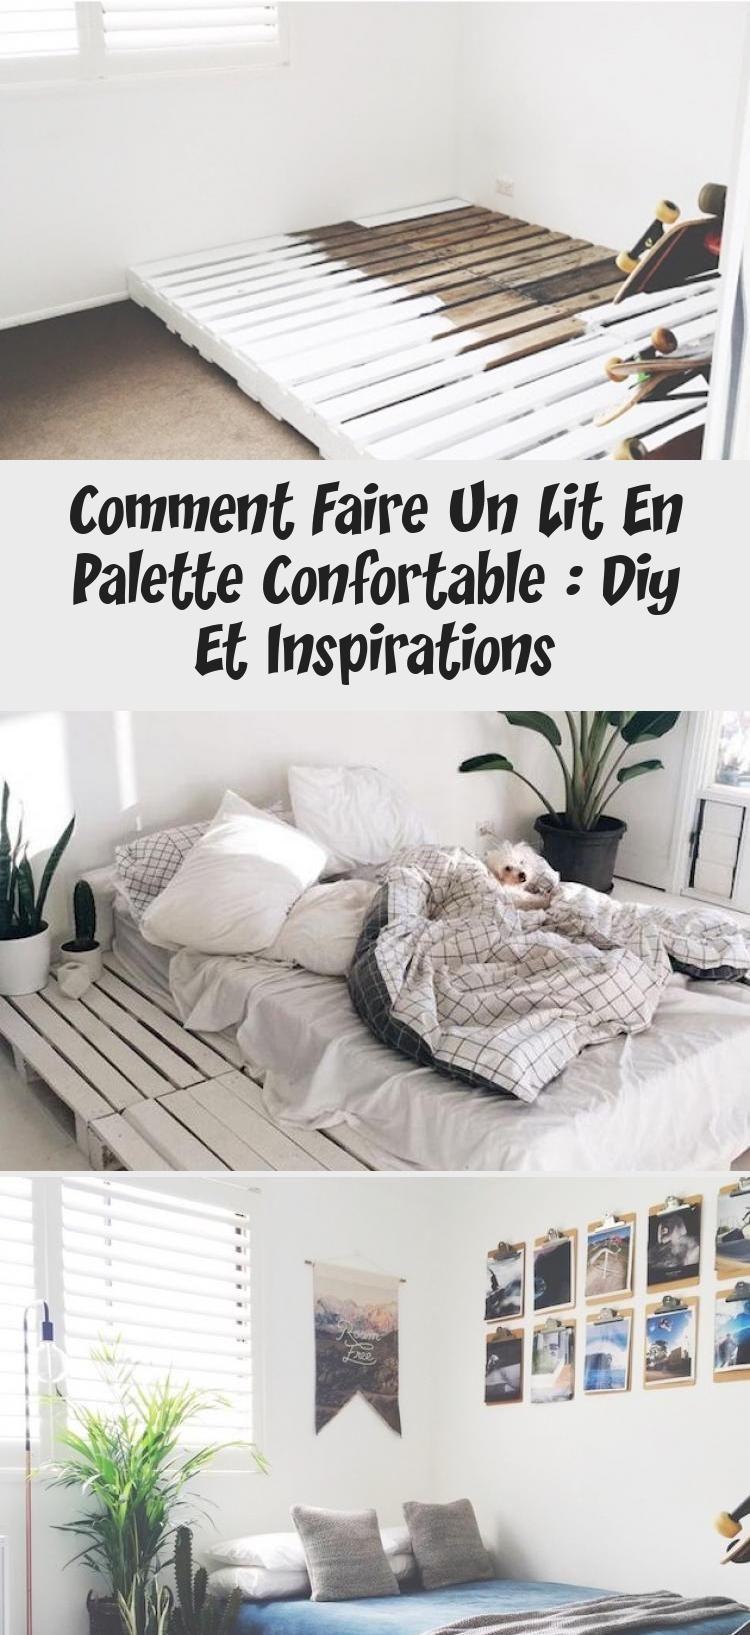 Comment Faire Un Lit Soi Meme comment faire un lit en palette confortable : diy et